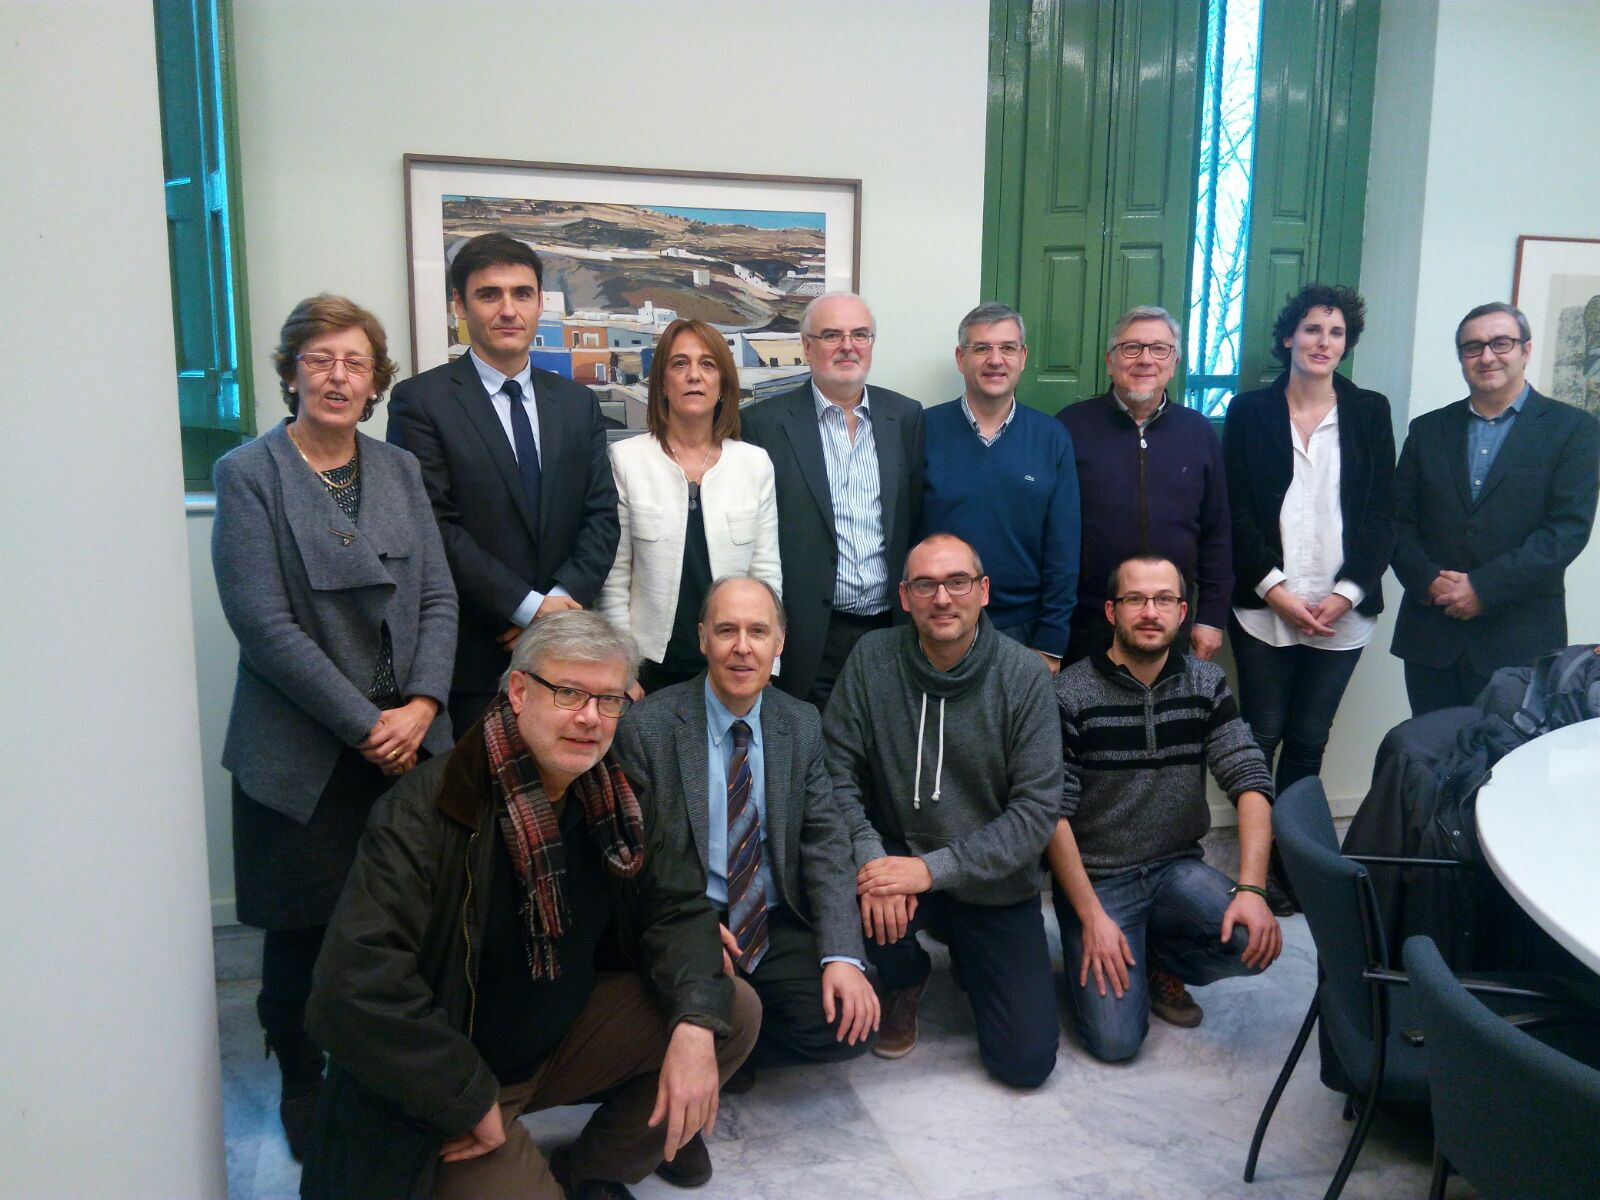 Participantes en la reunión entre DGA, Generalitat catalana, y universidades.